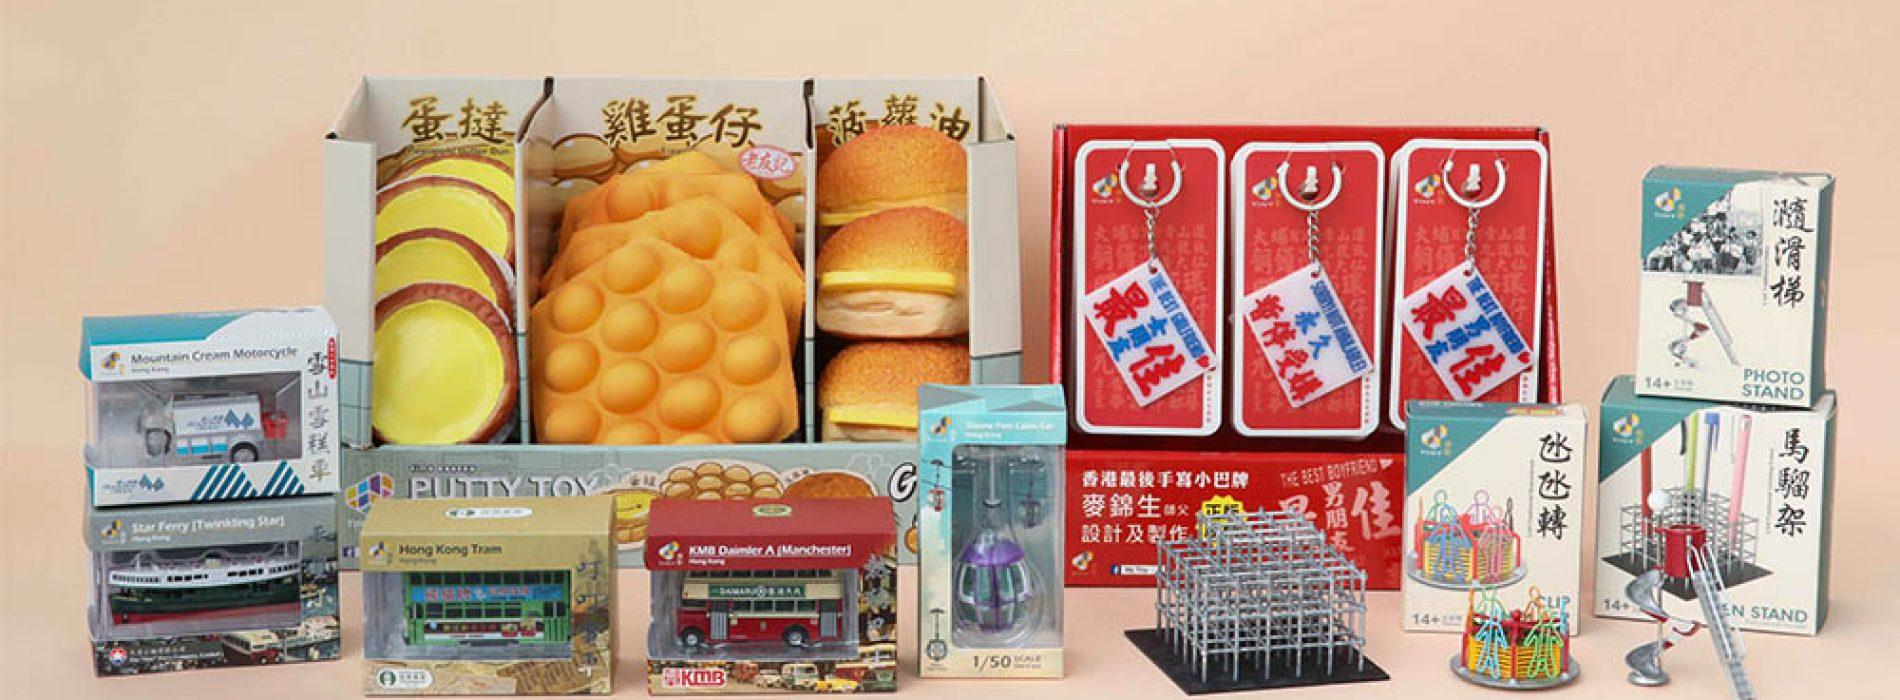 香港經典玩意收藏